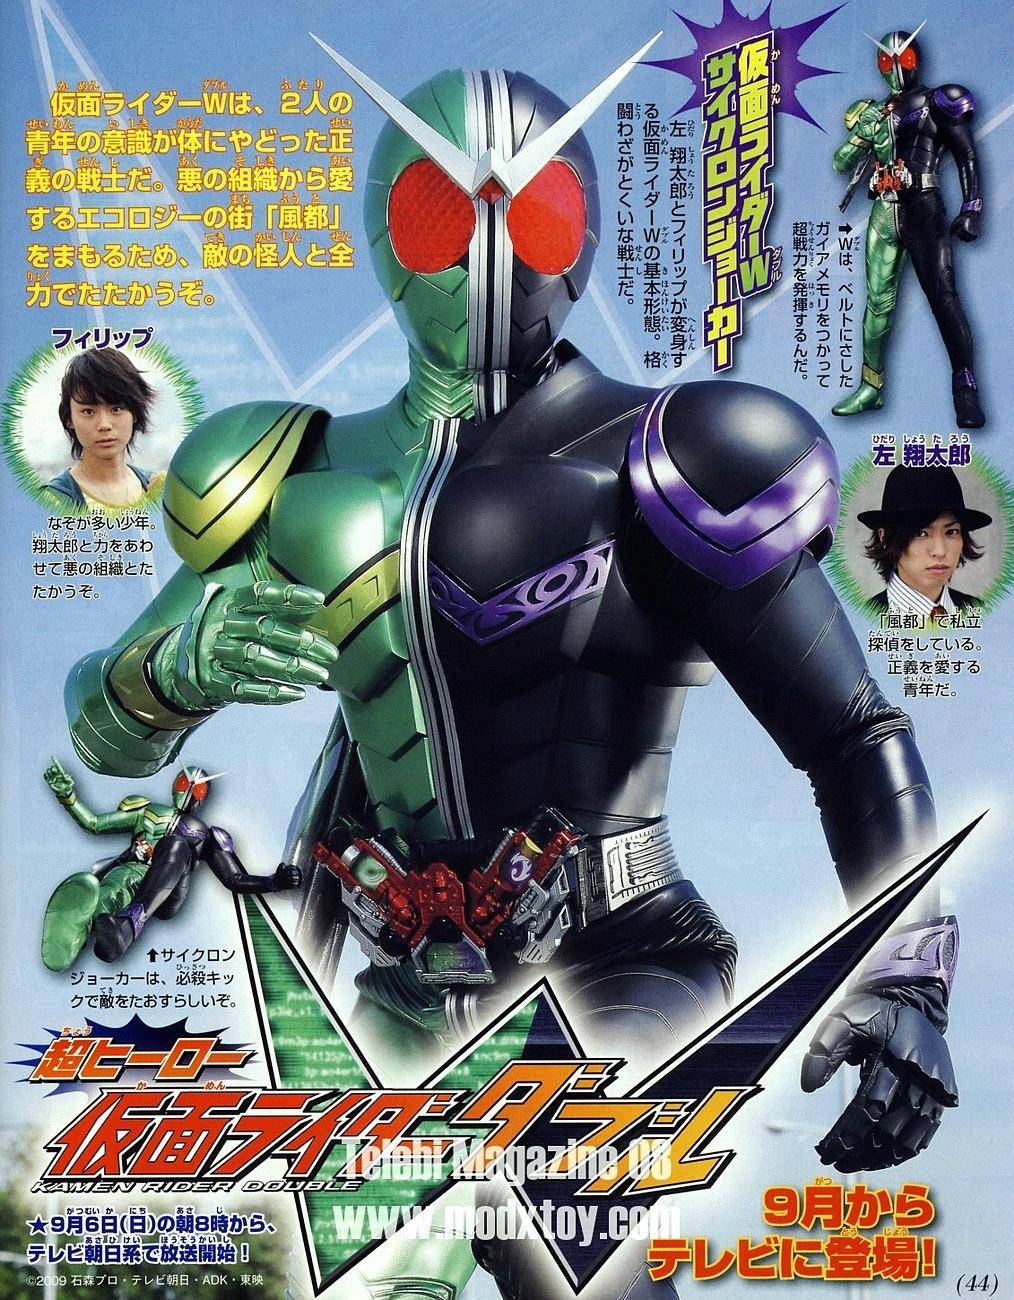 仮面ライダーW_41 -参戦! 仮面ライダーW-販売元:バンダイ発売日:2009-11-25クチ